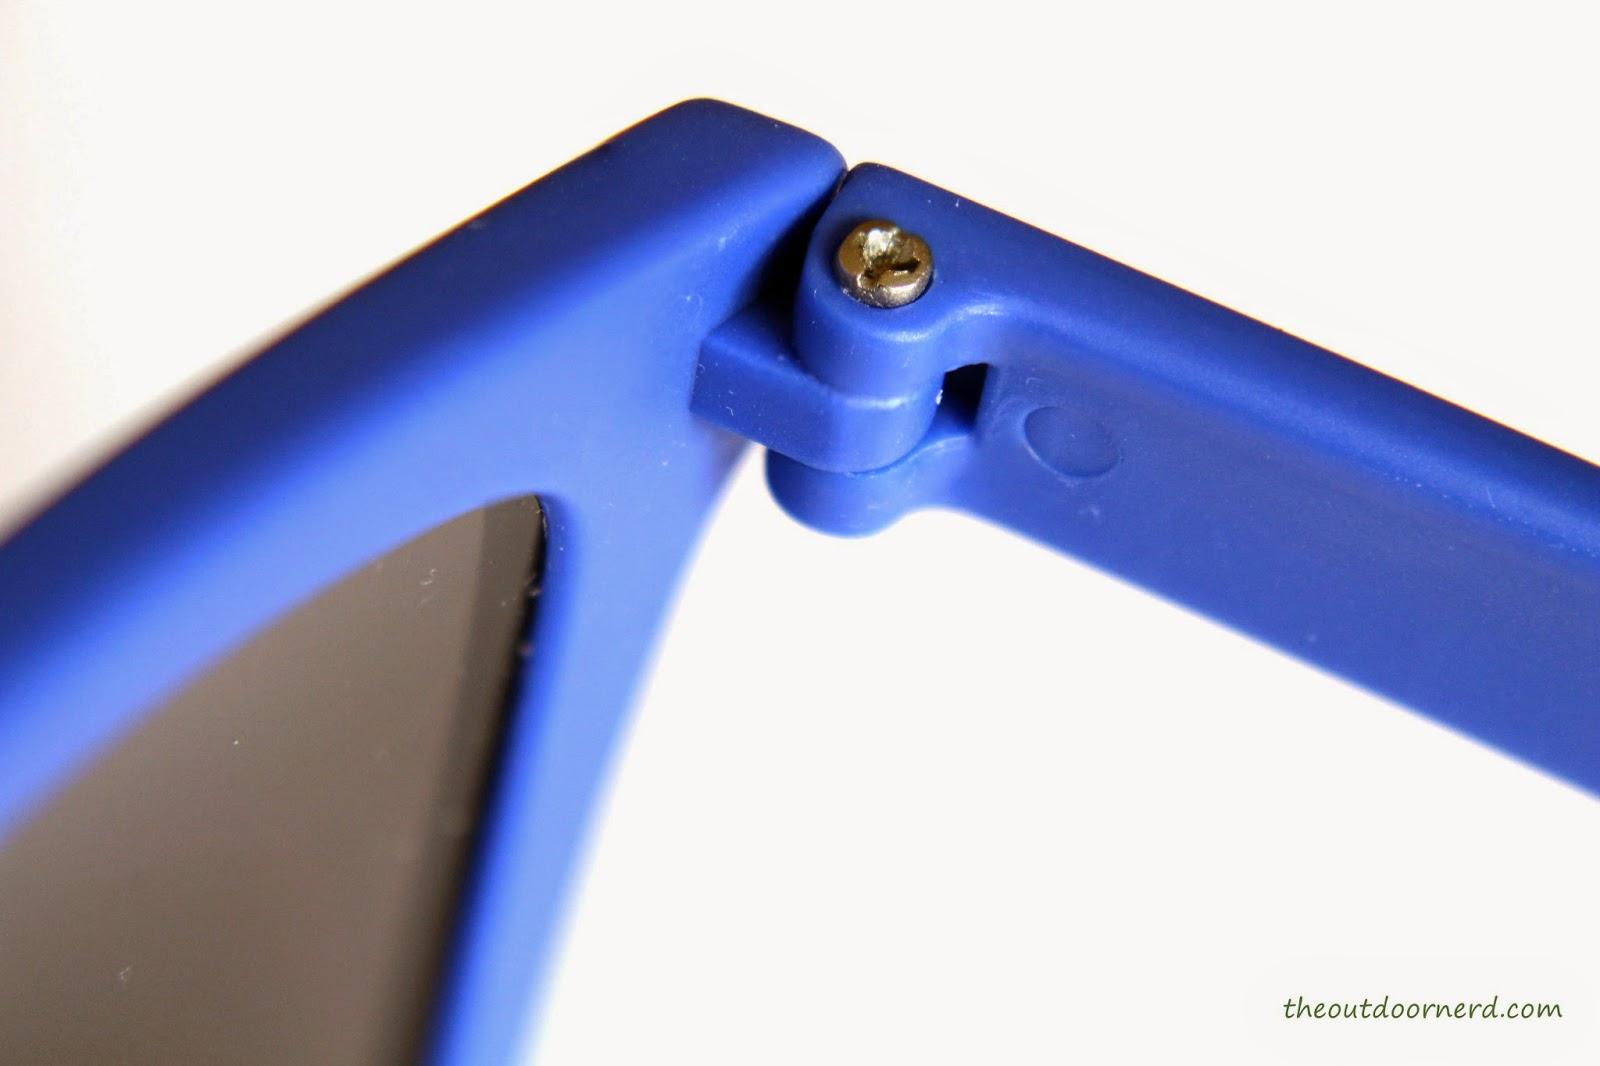 Nectar Cruze Sunglasses: Frames View 2